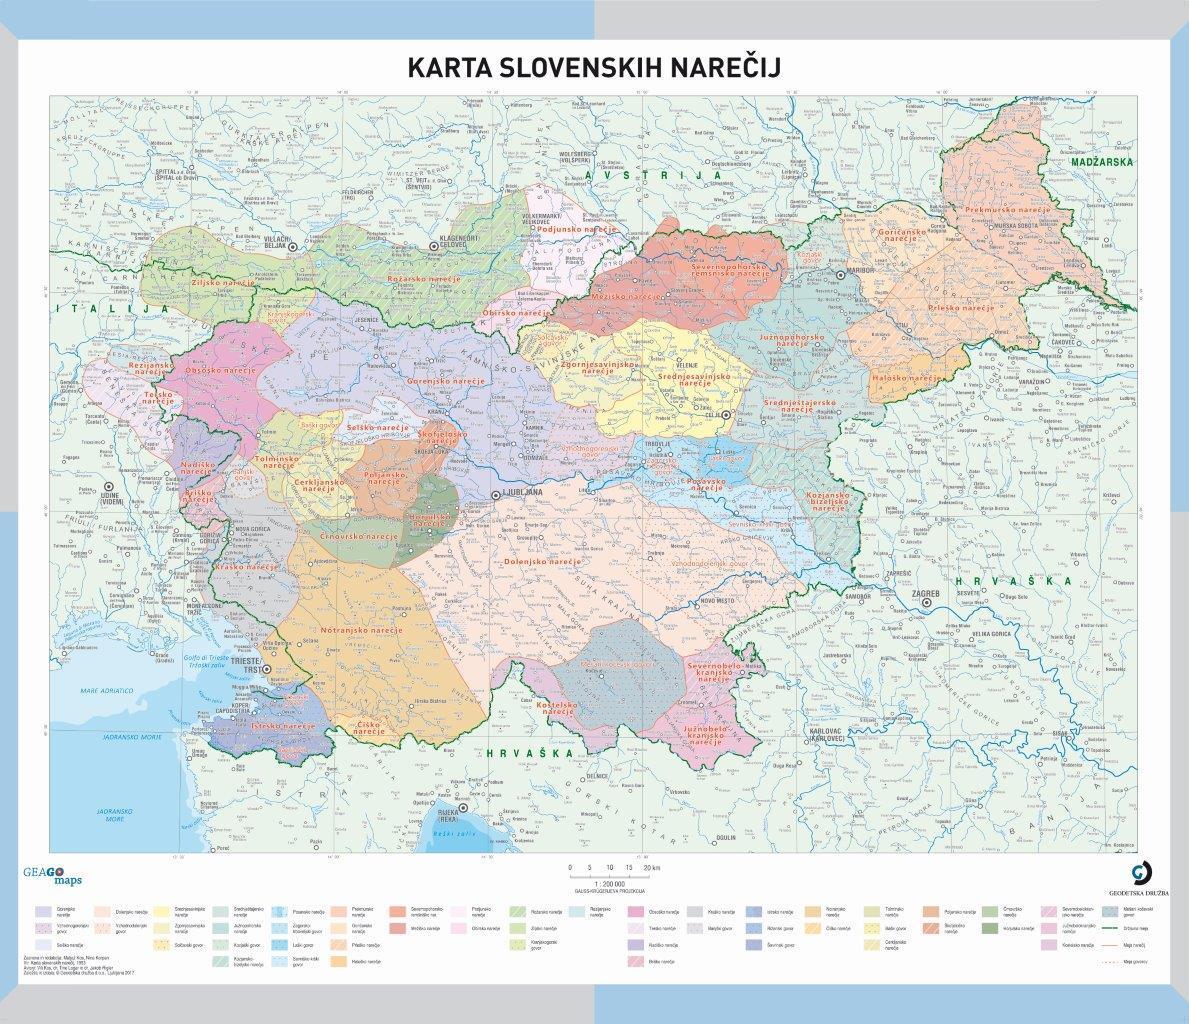 Šolska karta slovenskih narečij